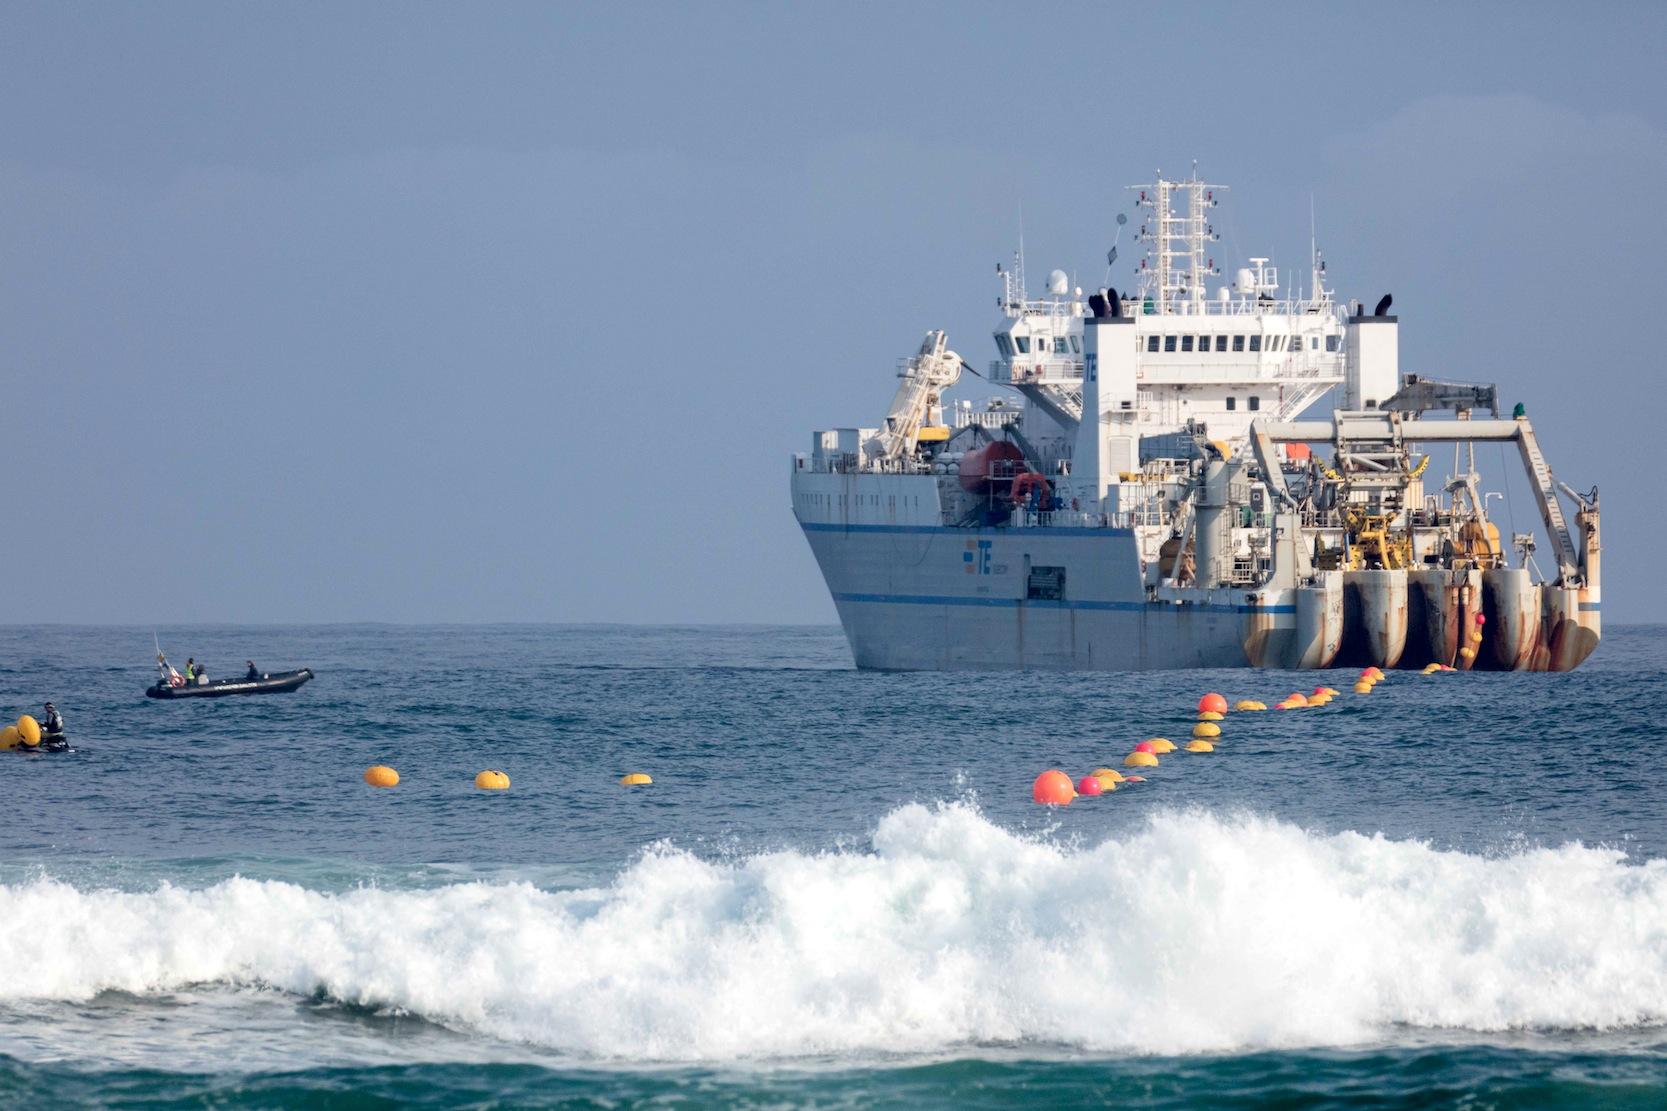 Das Datenkabel wurde direkt auf dem Meeresboden verlegt. Es liegt in Tiefen von durchschnittlich 3,3 Kilometern auf dem Grund.